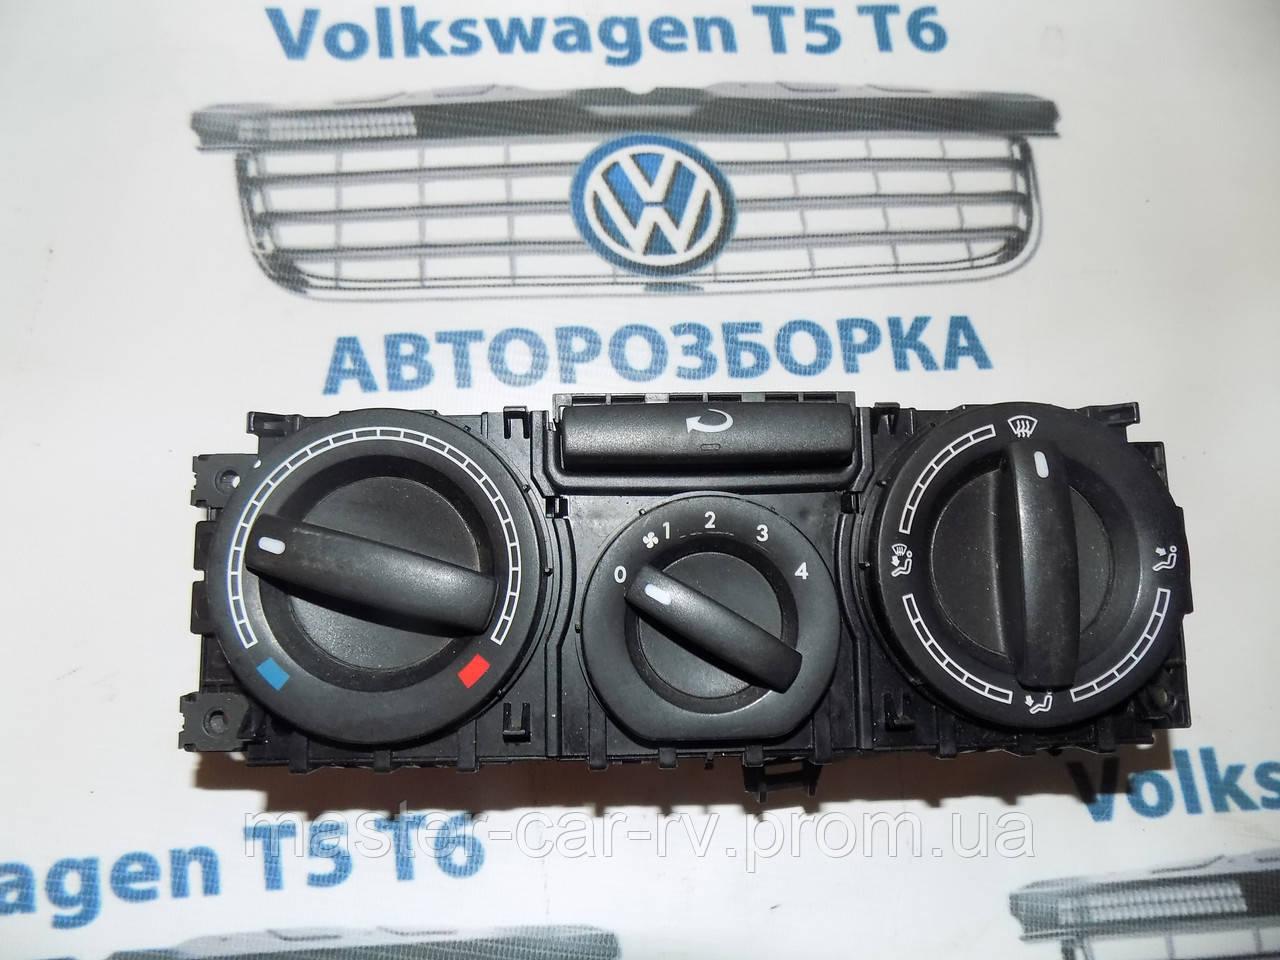 комплектующие для автокондиционеров фольксваген т5